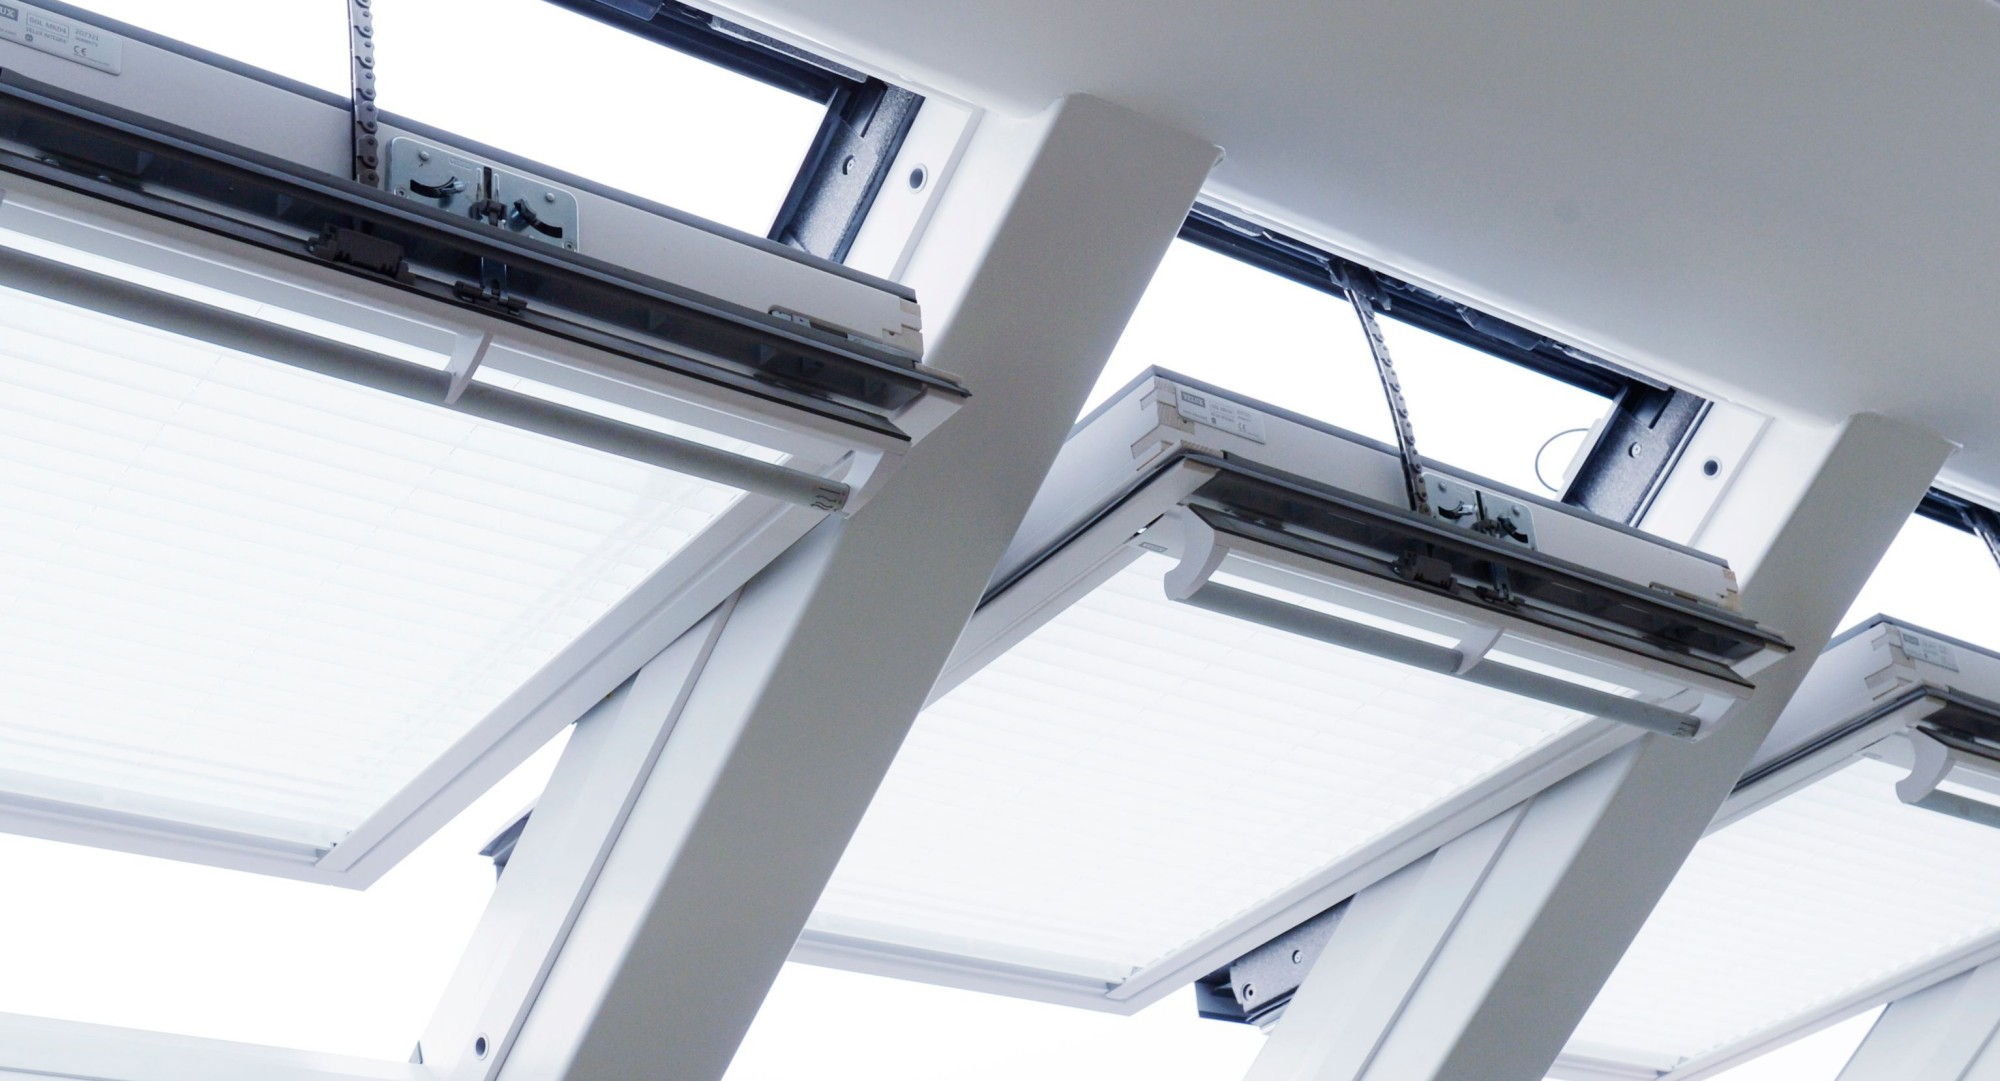 Servizi assistenza lucernari e finestre velux for Finestre velux rimini